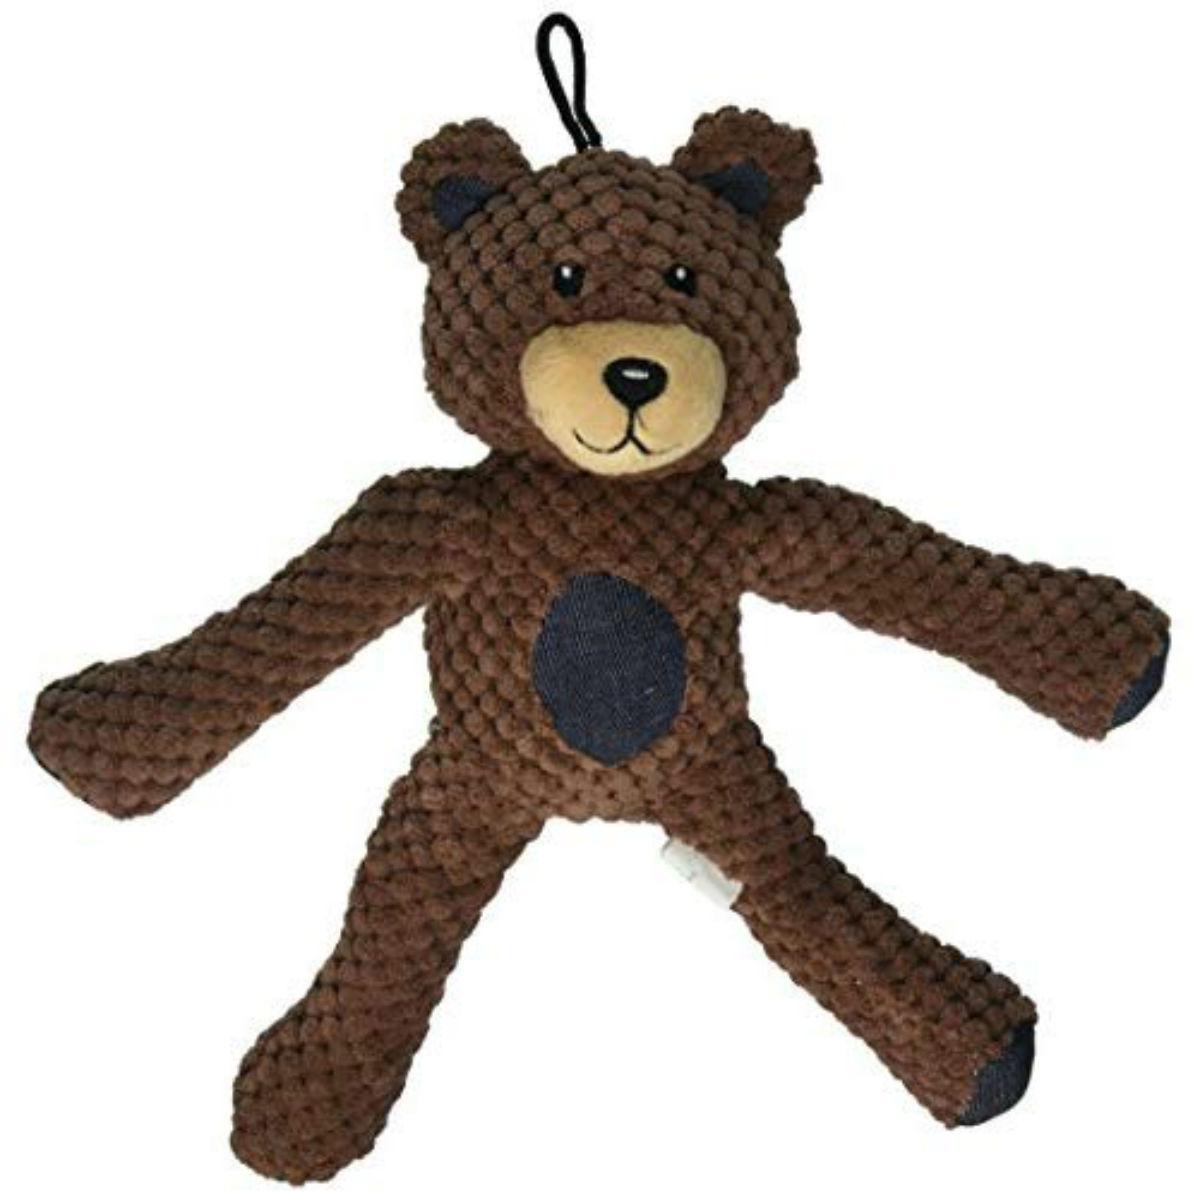 fabdog® Floppy Friends Dog Toy - Brown Teddy Bear